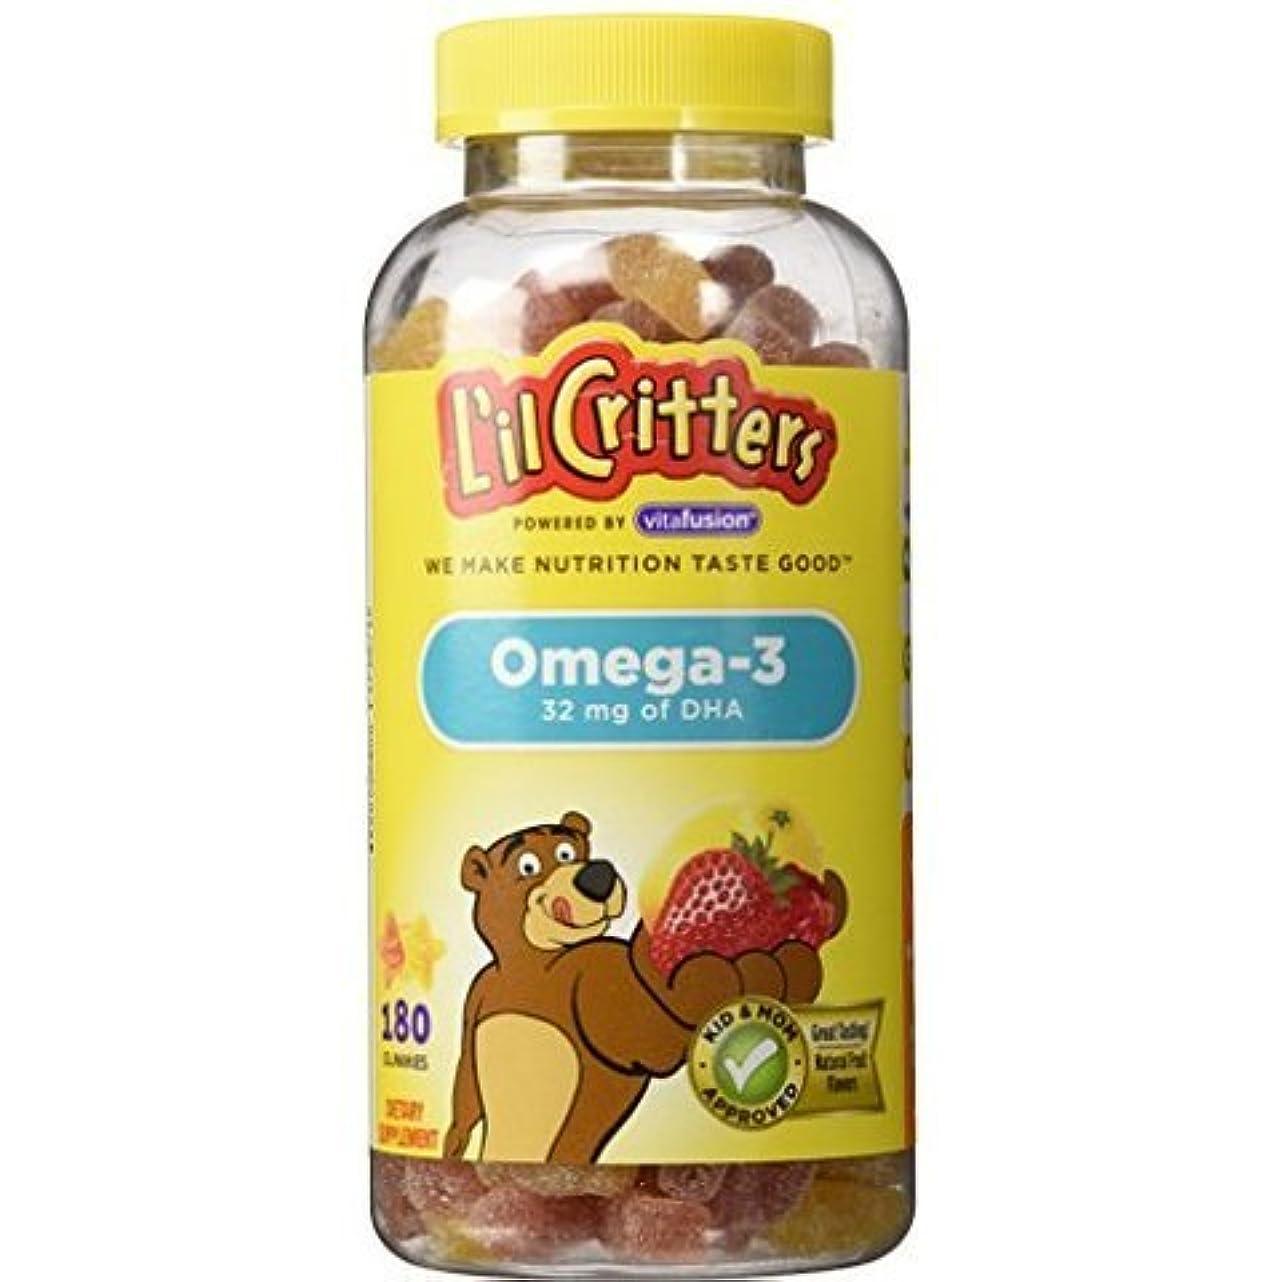 スタイル学んだファランクスL'il Critters クルクリターズ 子供用ビタミングミ オメガ3 DHA 180粒 [並行輸入品]